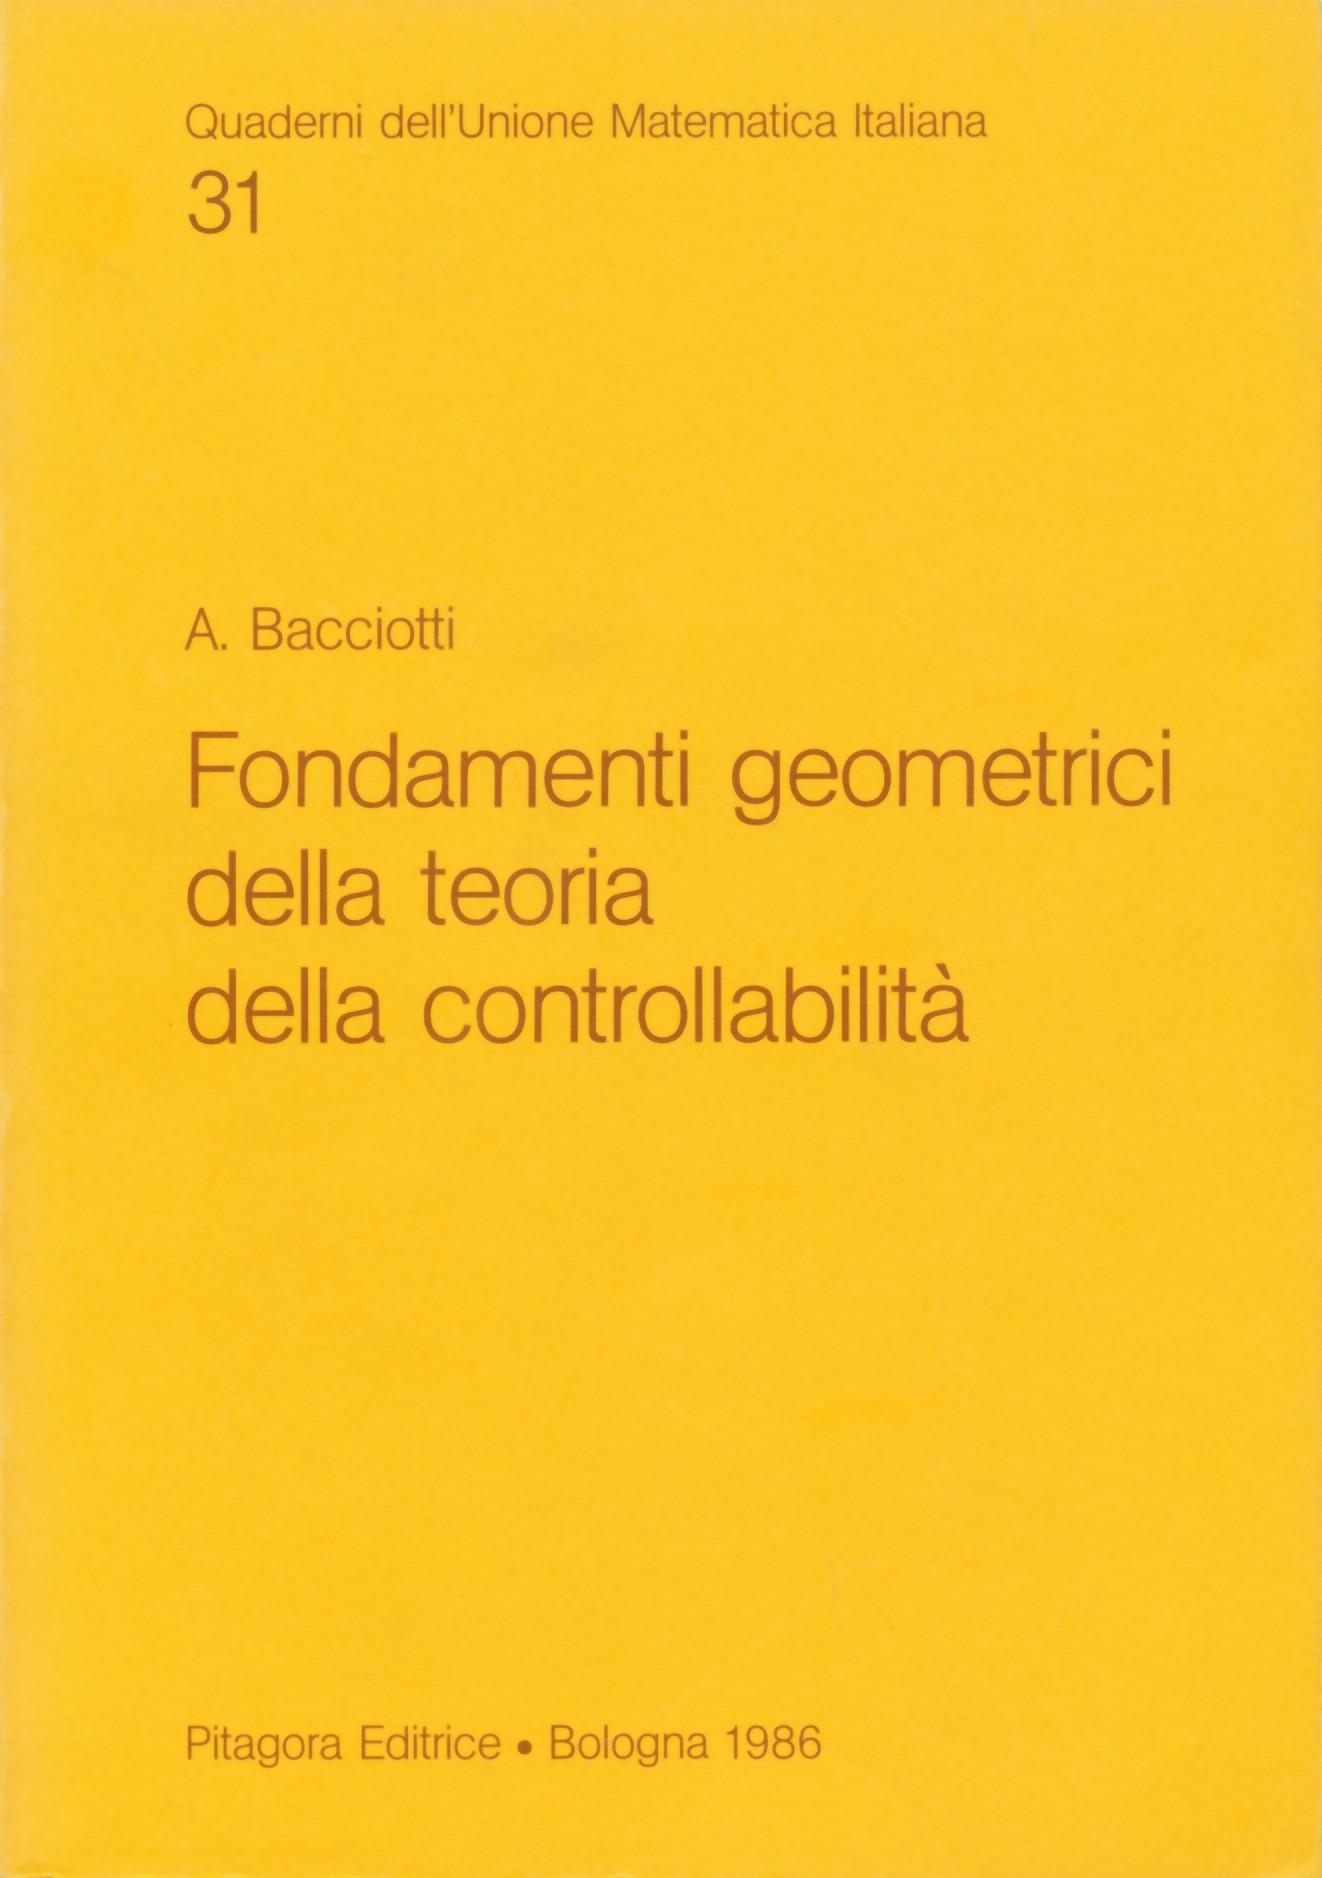 Fondamenti geometrici della teoria della controllabilità